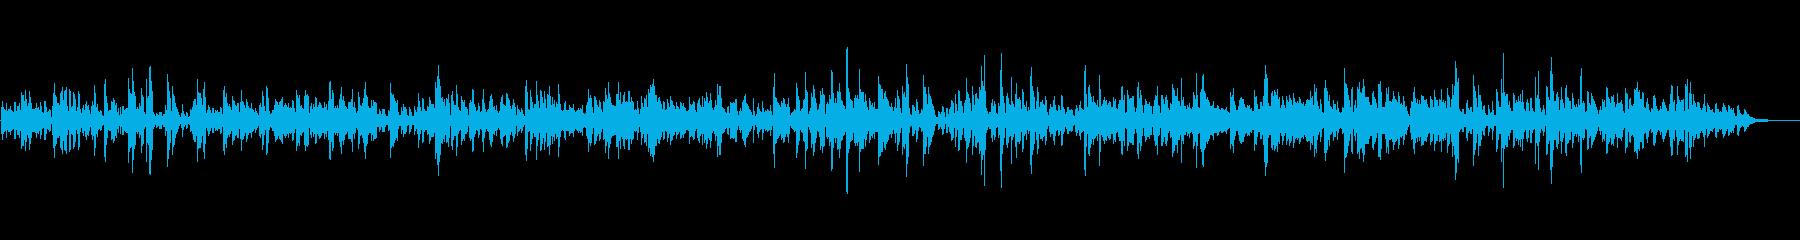 BARやラウンジでゆったり流れるJAZZの再生済みの波形